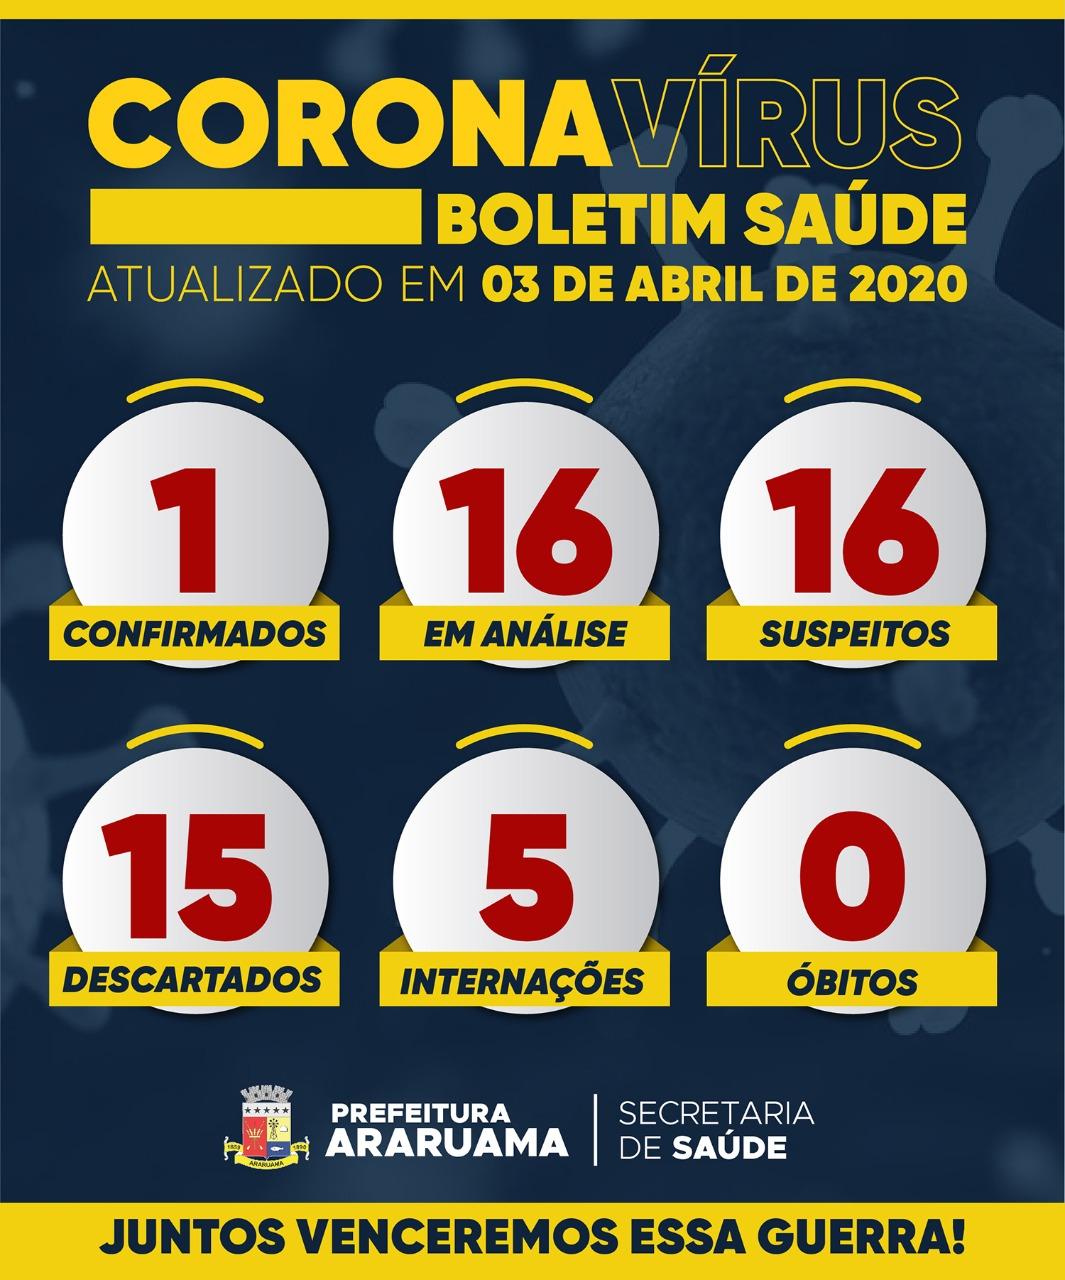 Prefeitura de Araruama confirma primeiro caso de Covid-19 na cidade